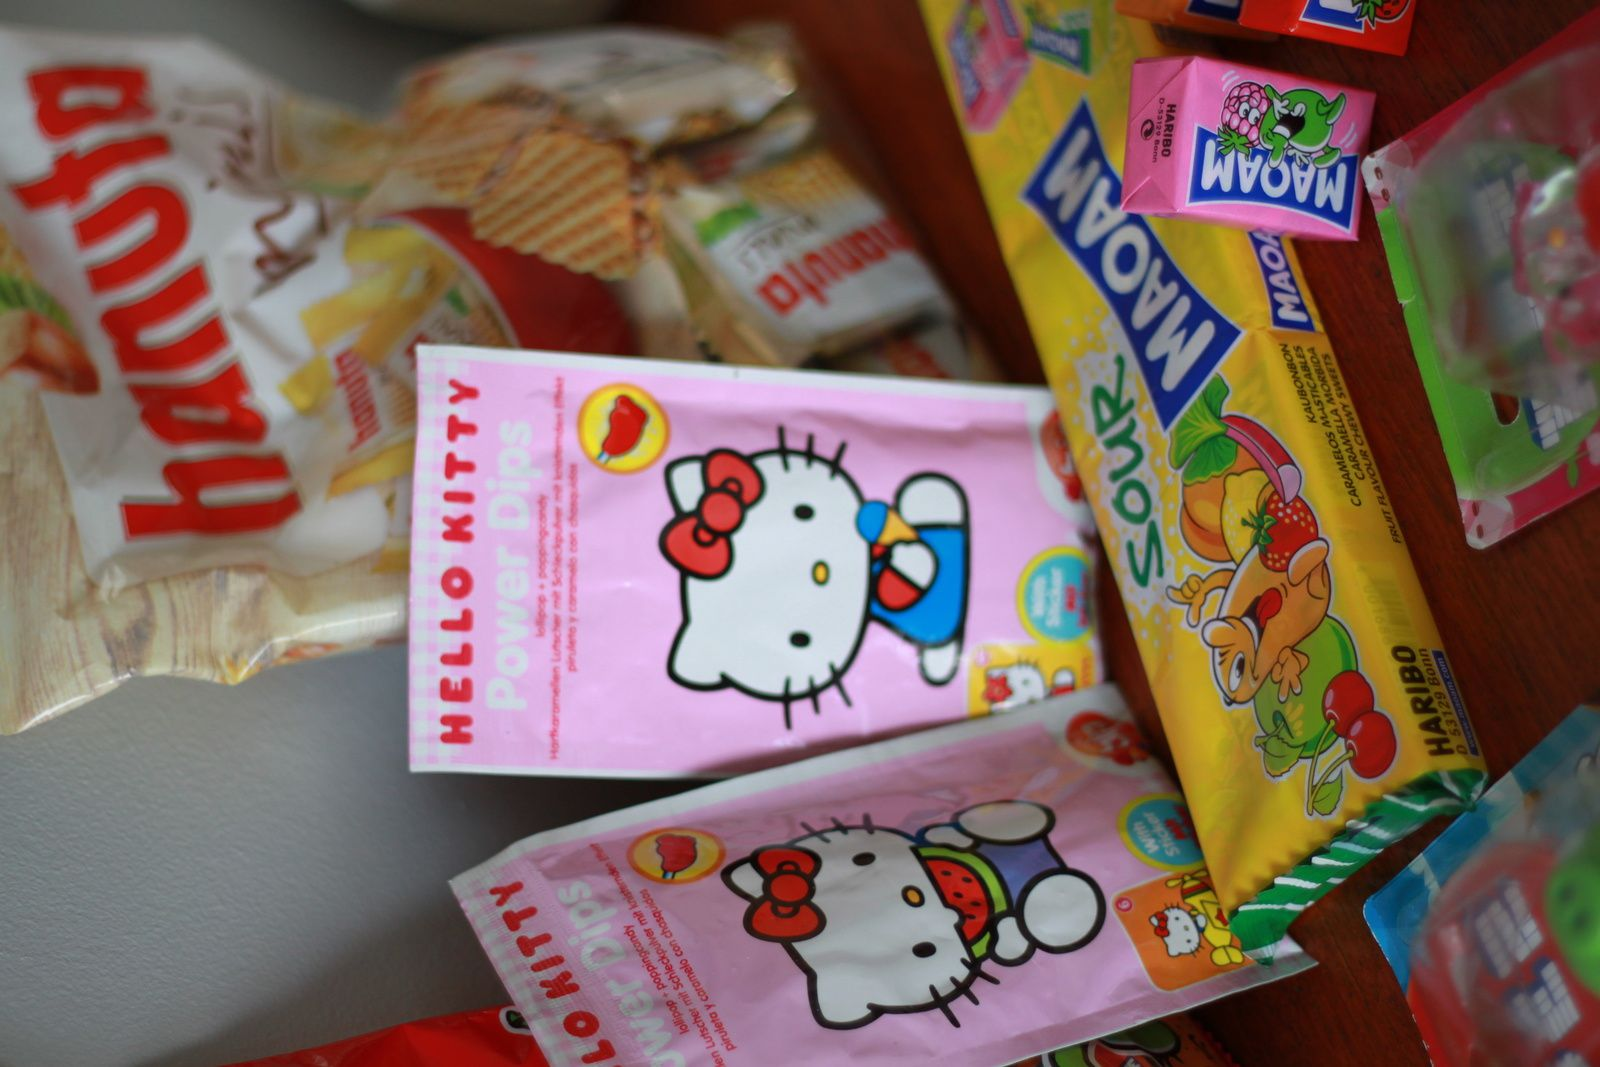 Pez, Hello Kitty et cie...Merci Haribo et Ferrero